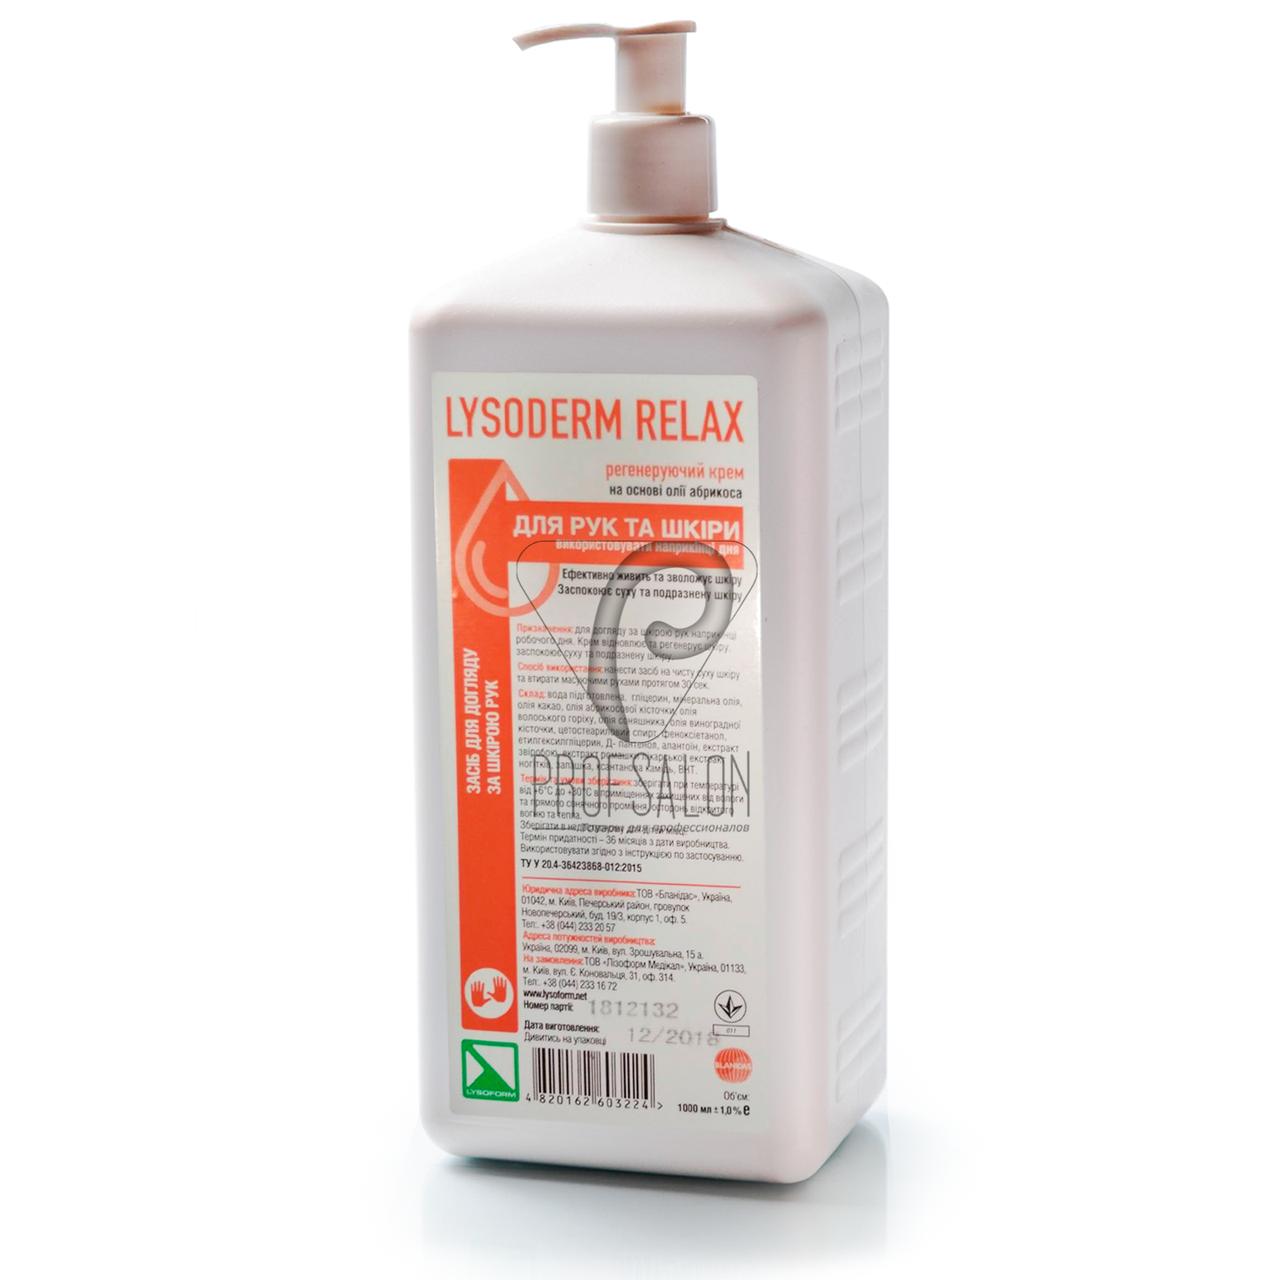 Лизодерм Релакс регенерирующий крем на основе масла абрикоса, 1л